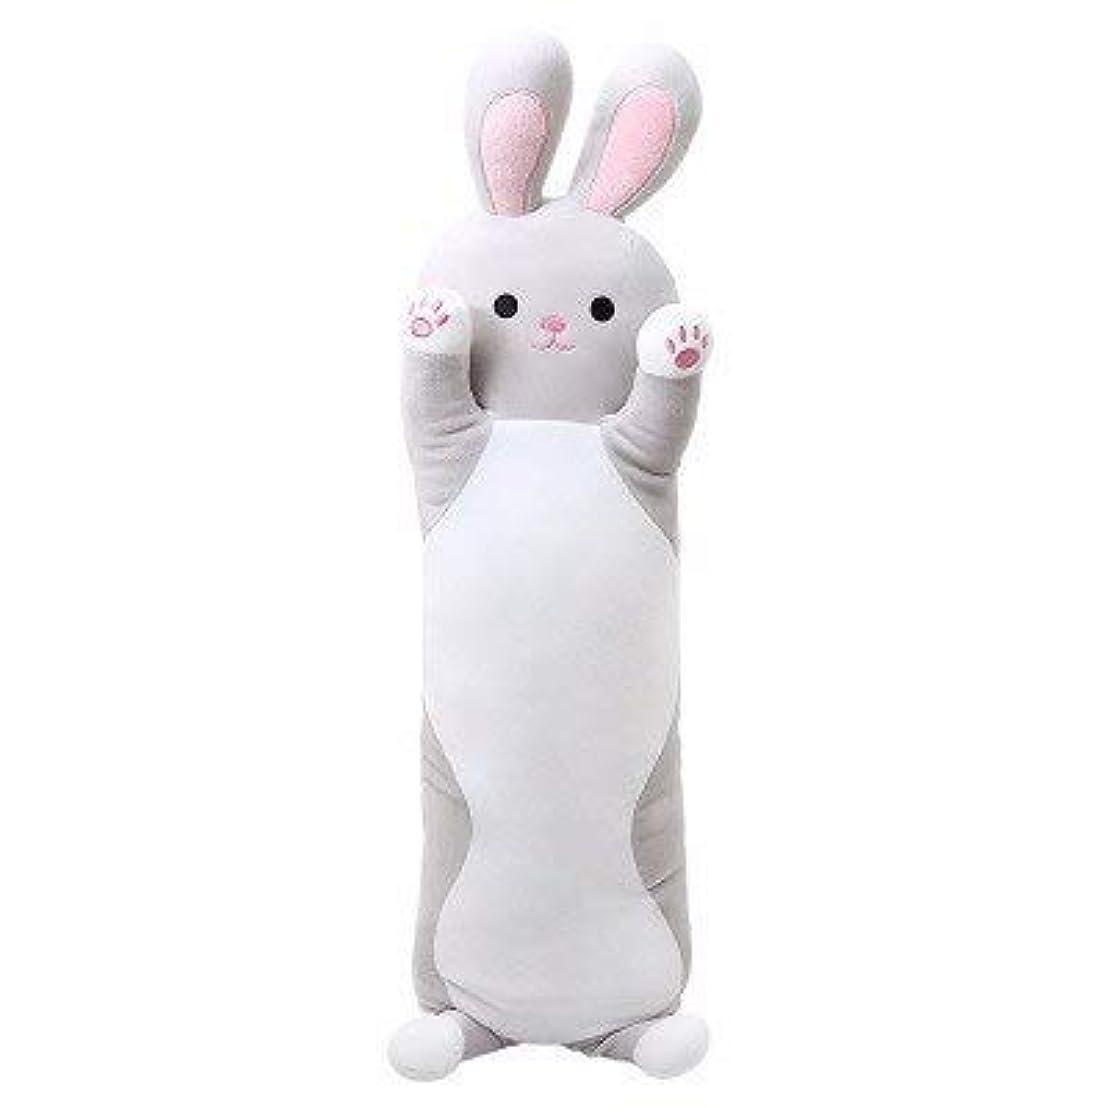 組み合わせ栄光ループLIFE センチメートルウサギのぬいぐるみロング睡眠枕を送信するために女の子 Almofada クッション床 Coussin Cojines 装飾 Overwatch クッション 椅子